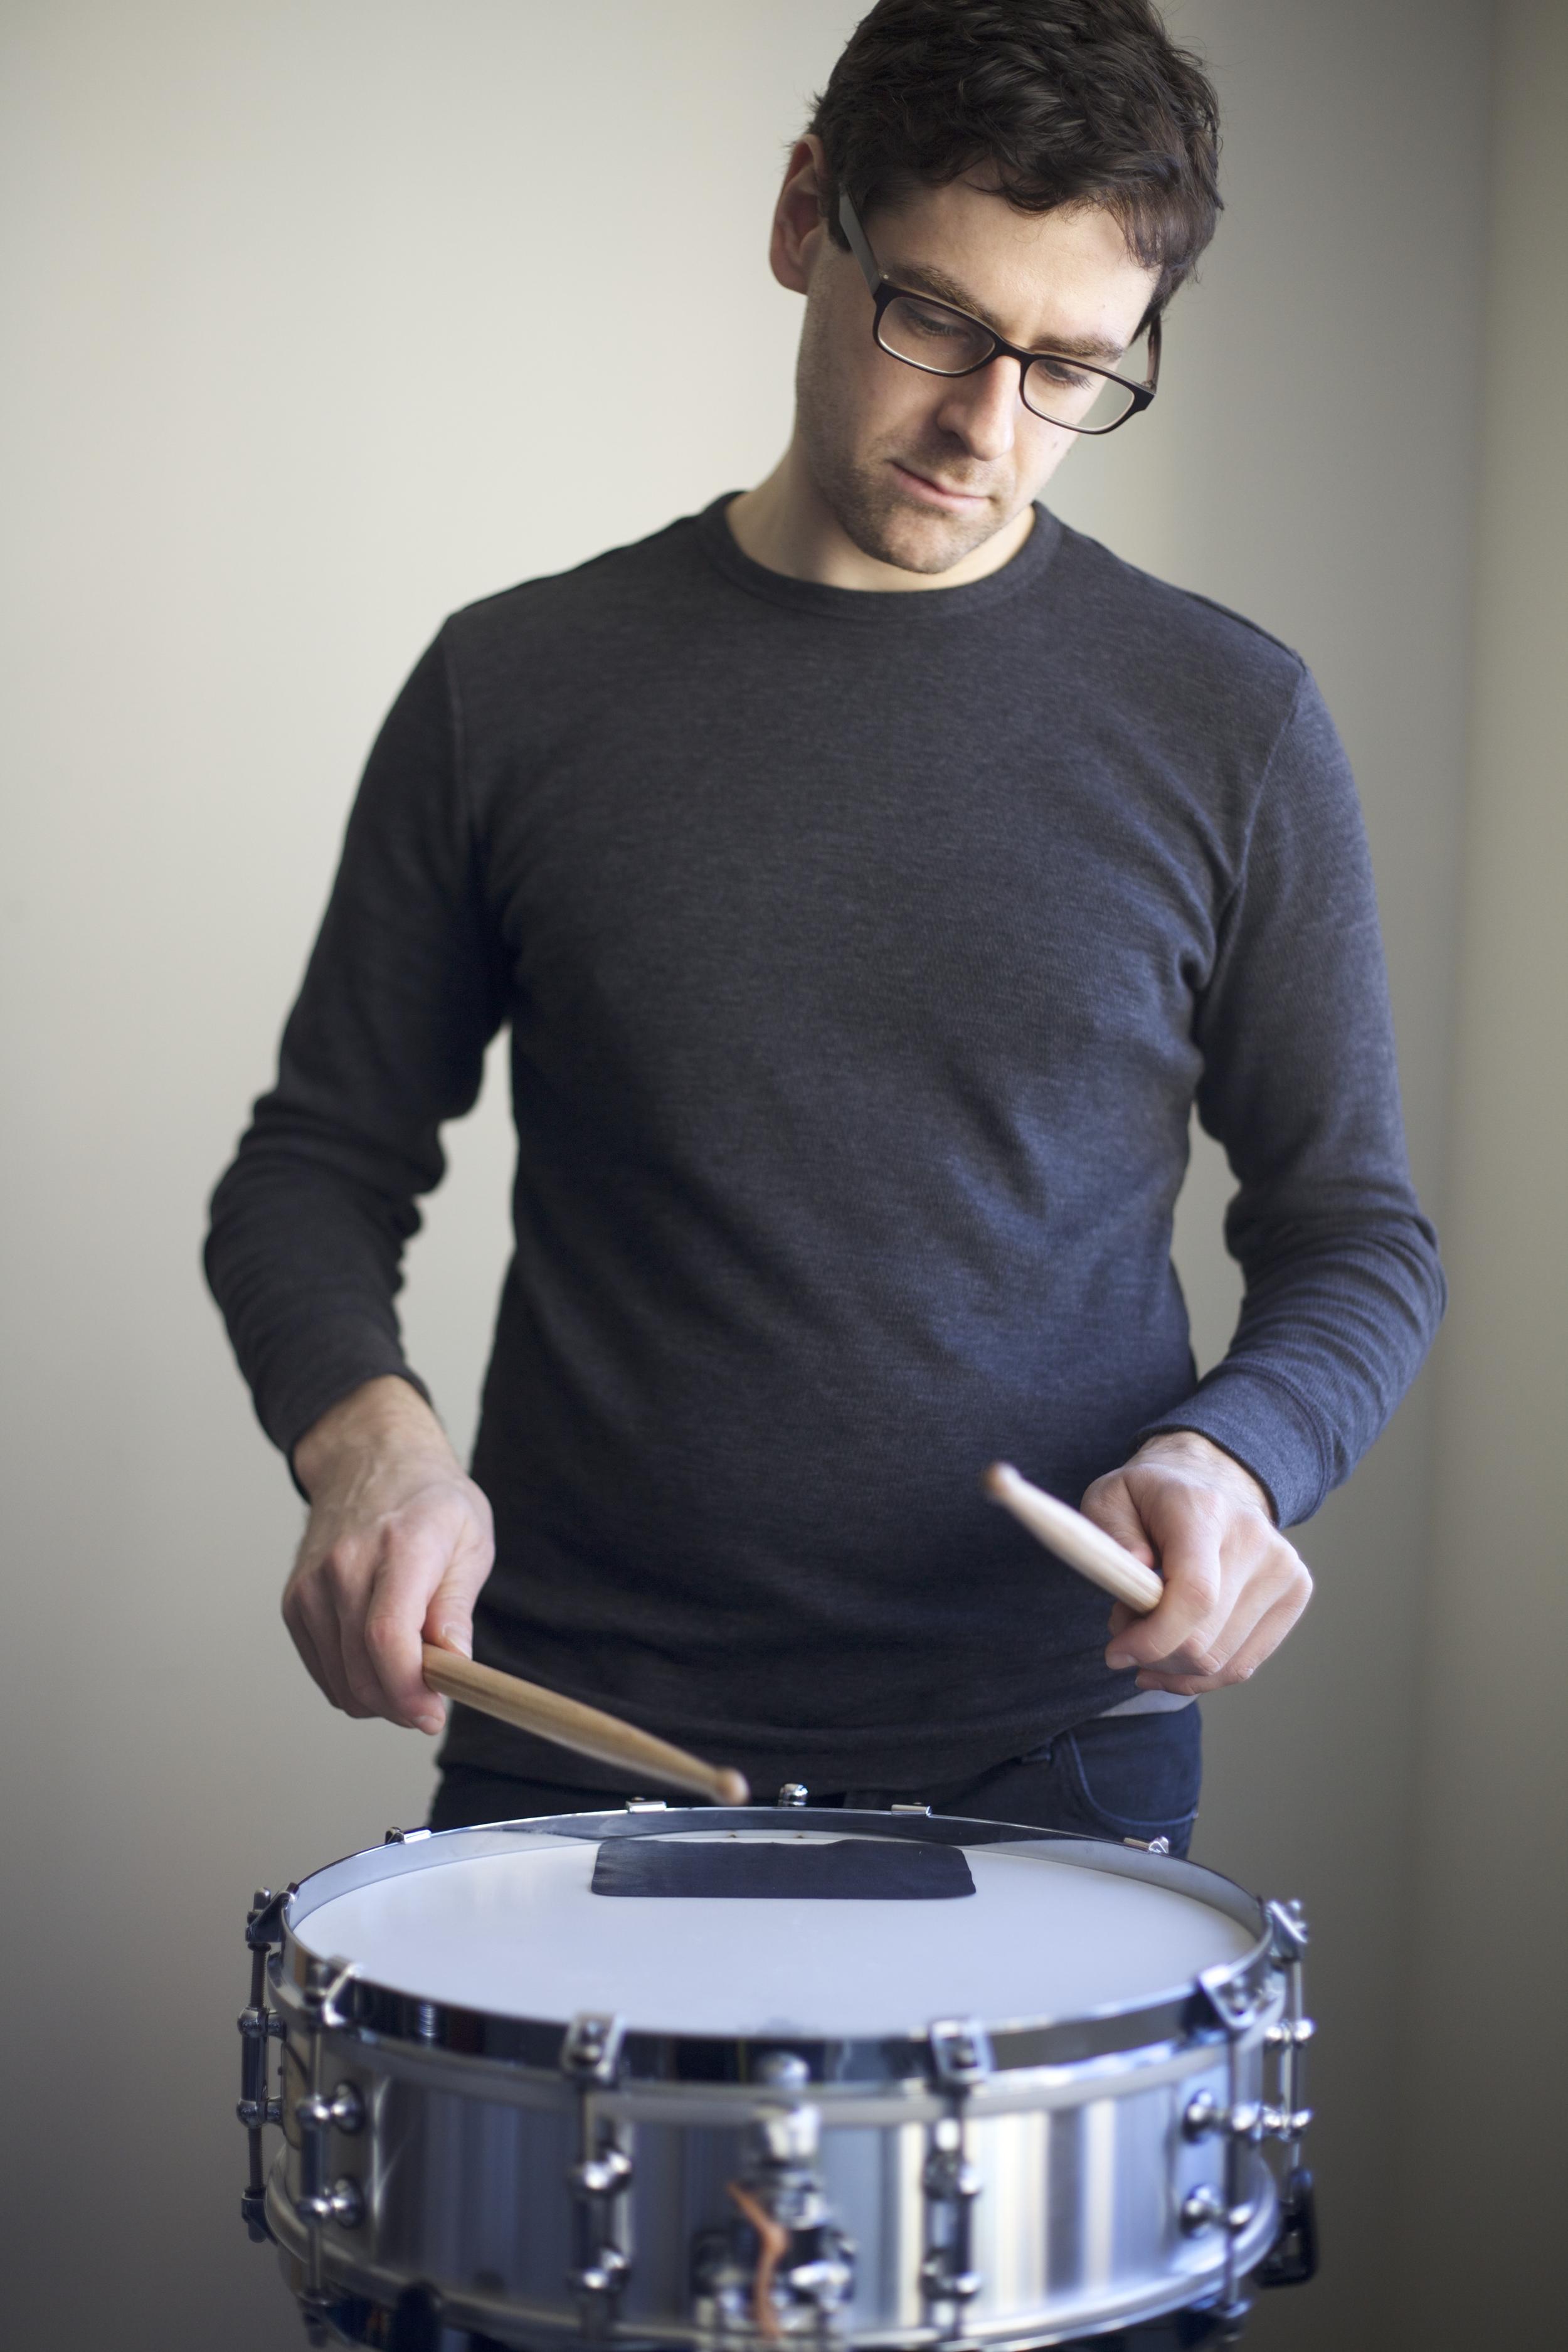 Percussion Technique